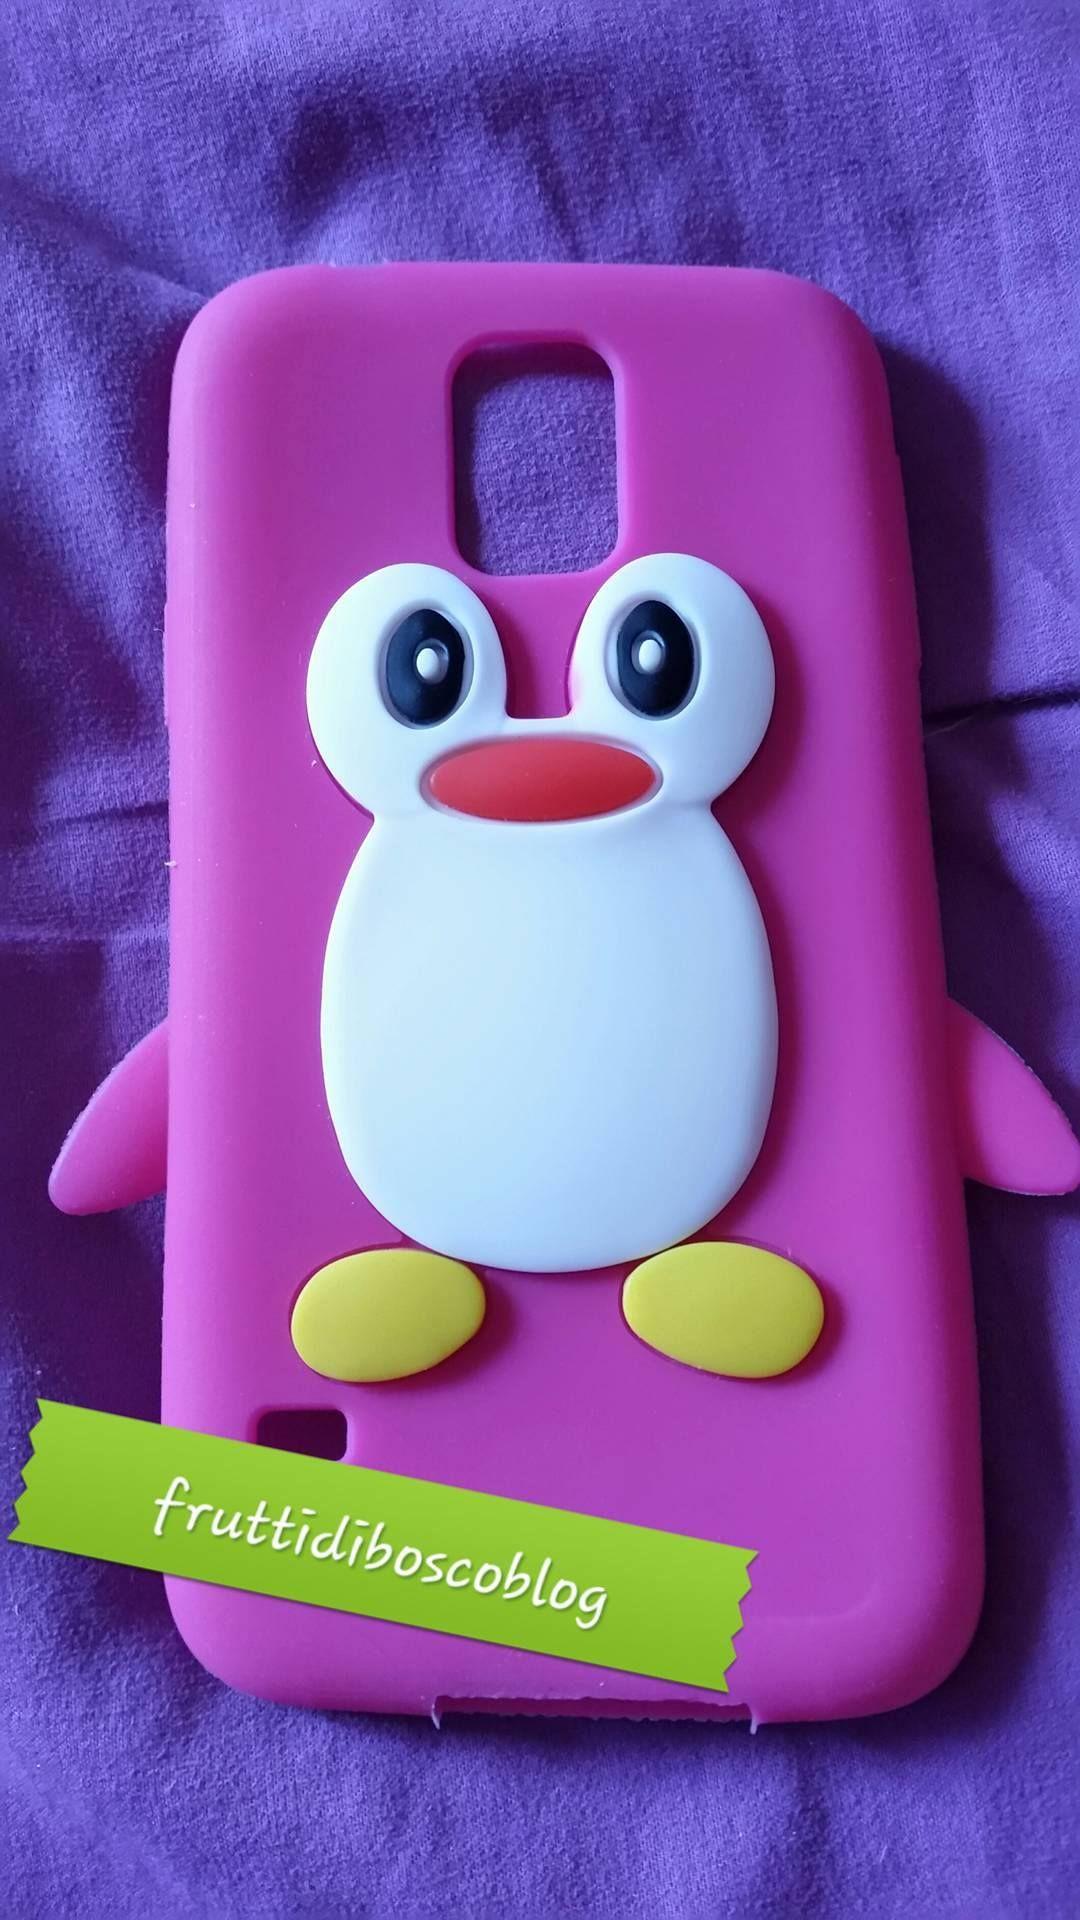 Recensione acquisto cover a pinguino su Amazon per samsung s5